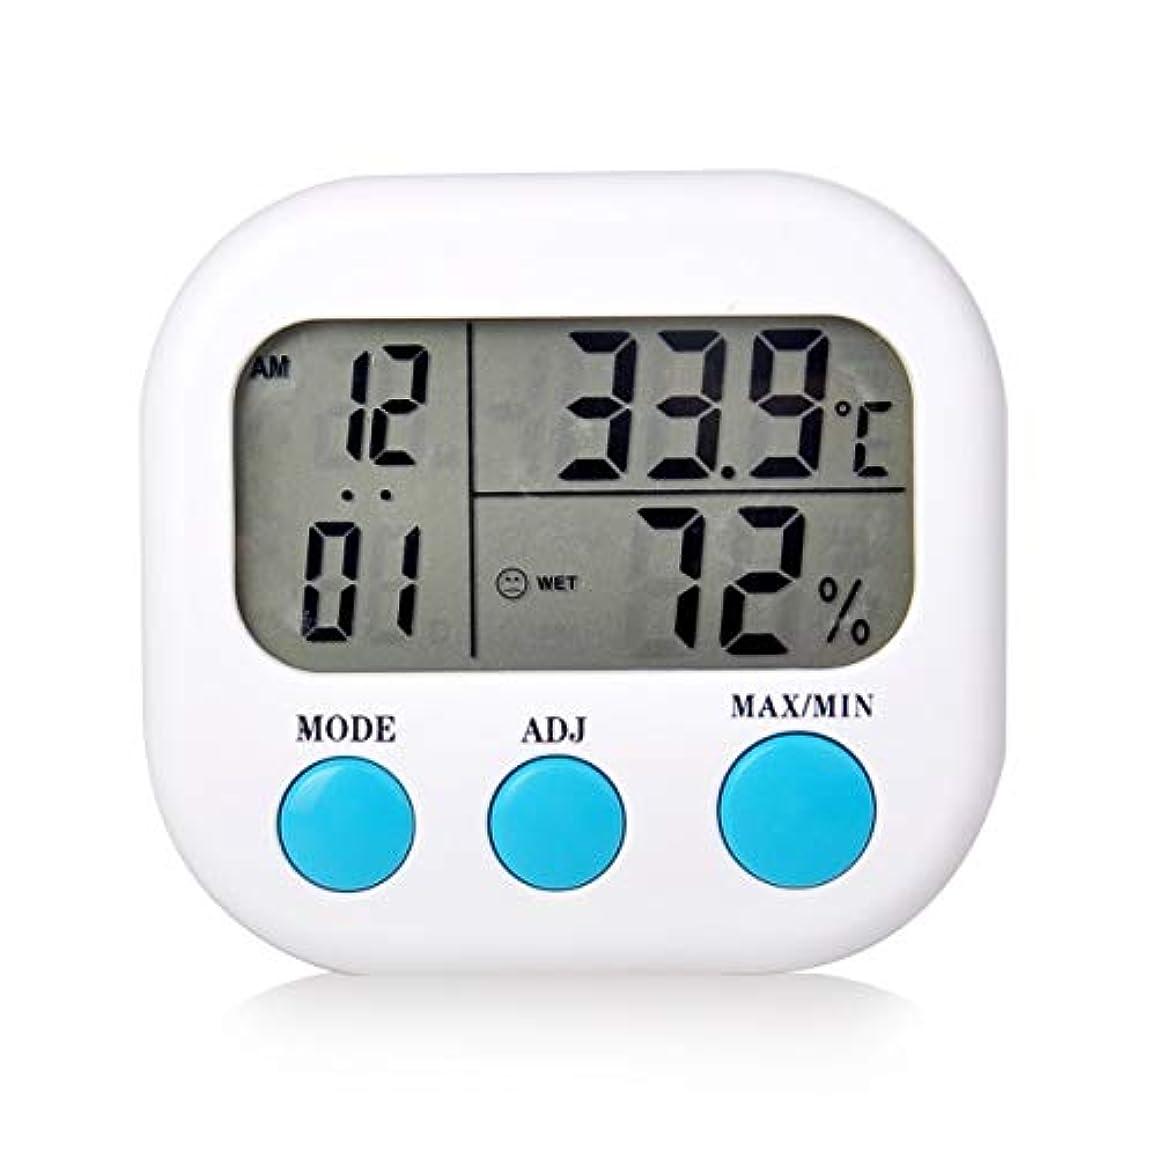 落胆させる滑る約束するSaikogoods 電子体温計湿度計 デジタルディスプレイ 温度湿度モニター アラーム時計 屋内家庭用 白